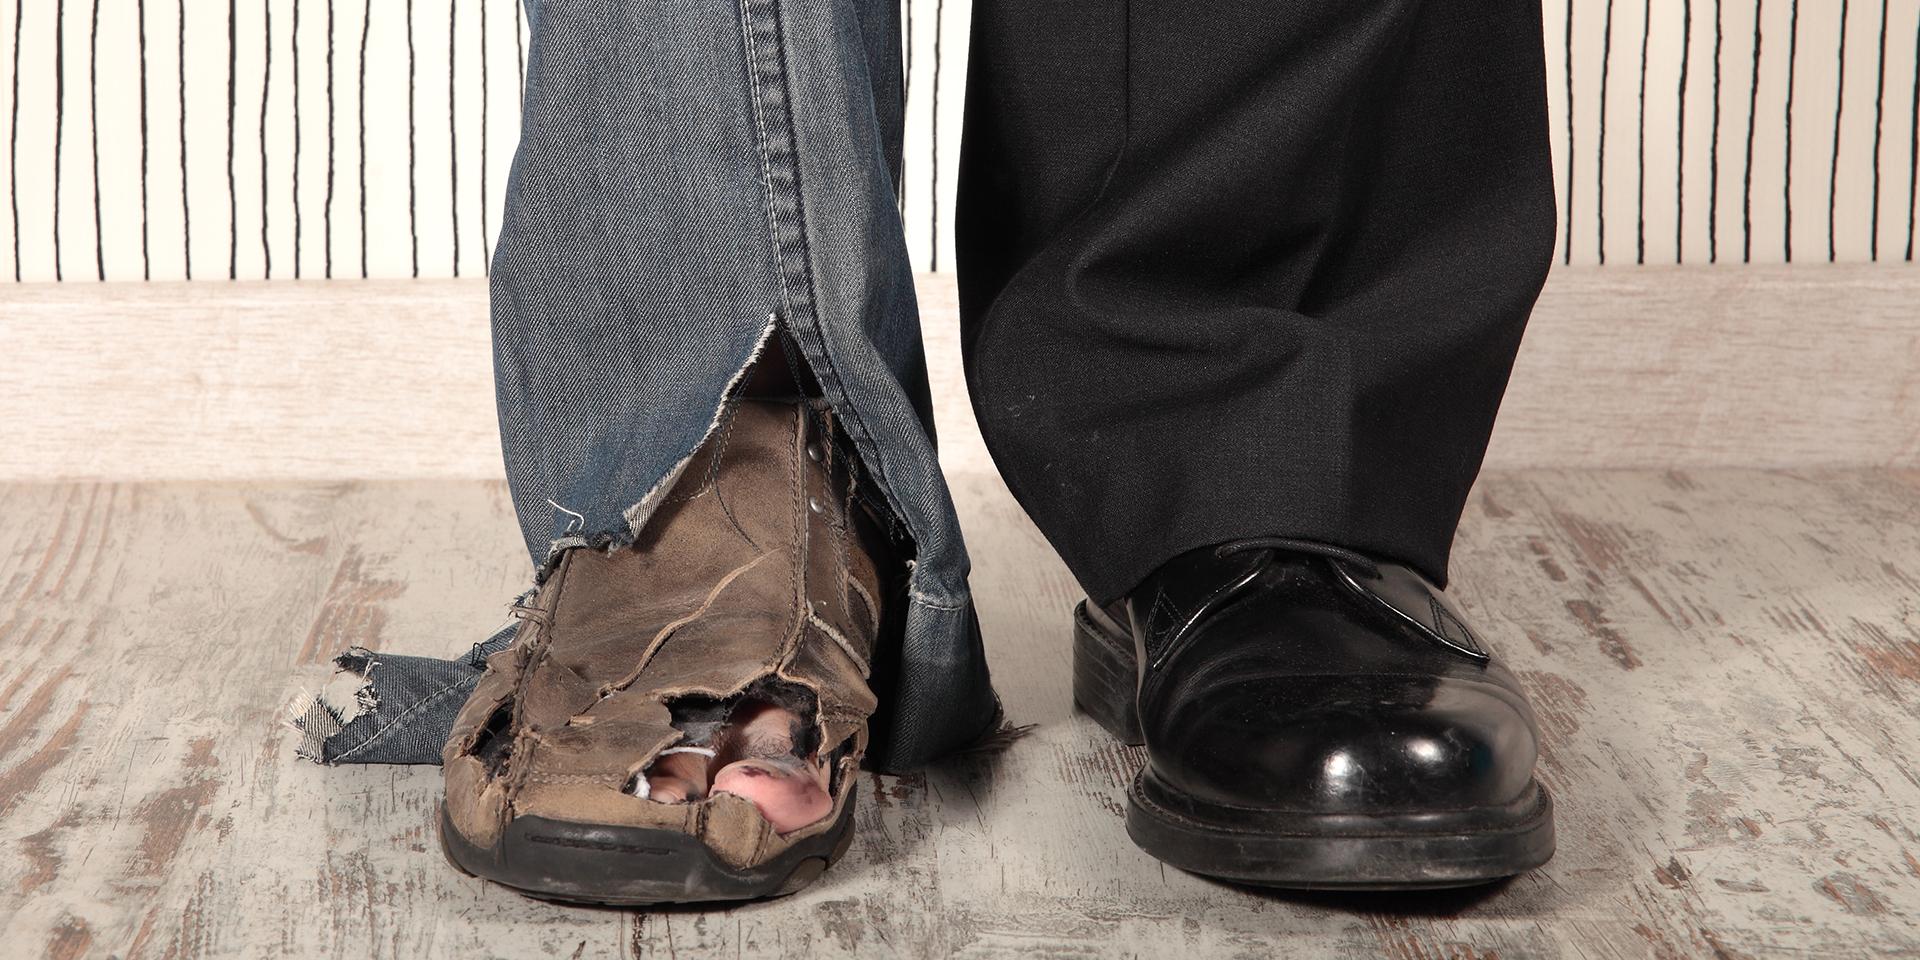 Ein Bein eines armen und ein Bein eines reichen Menschen,© iStockphoto/erllre